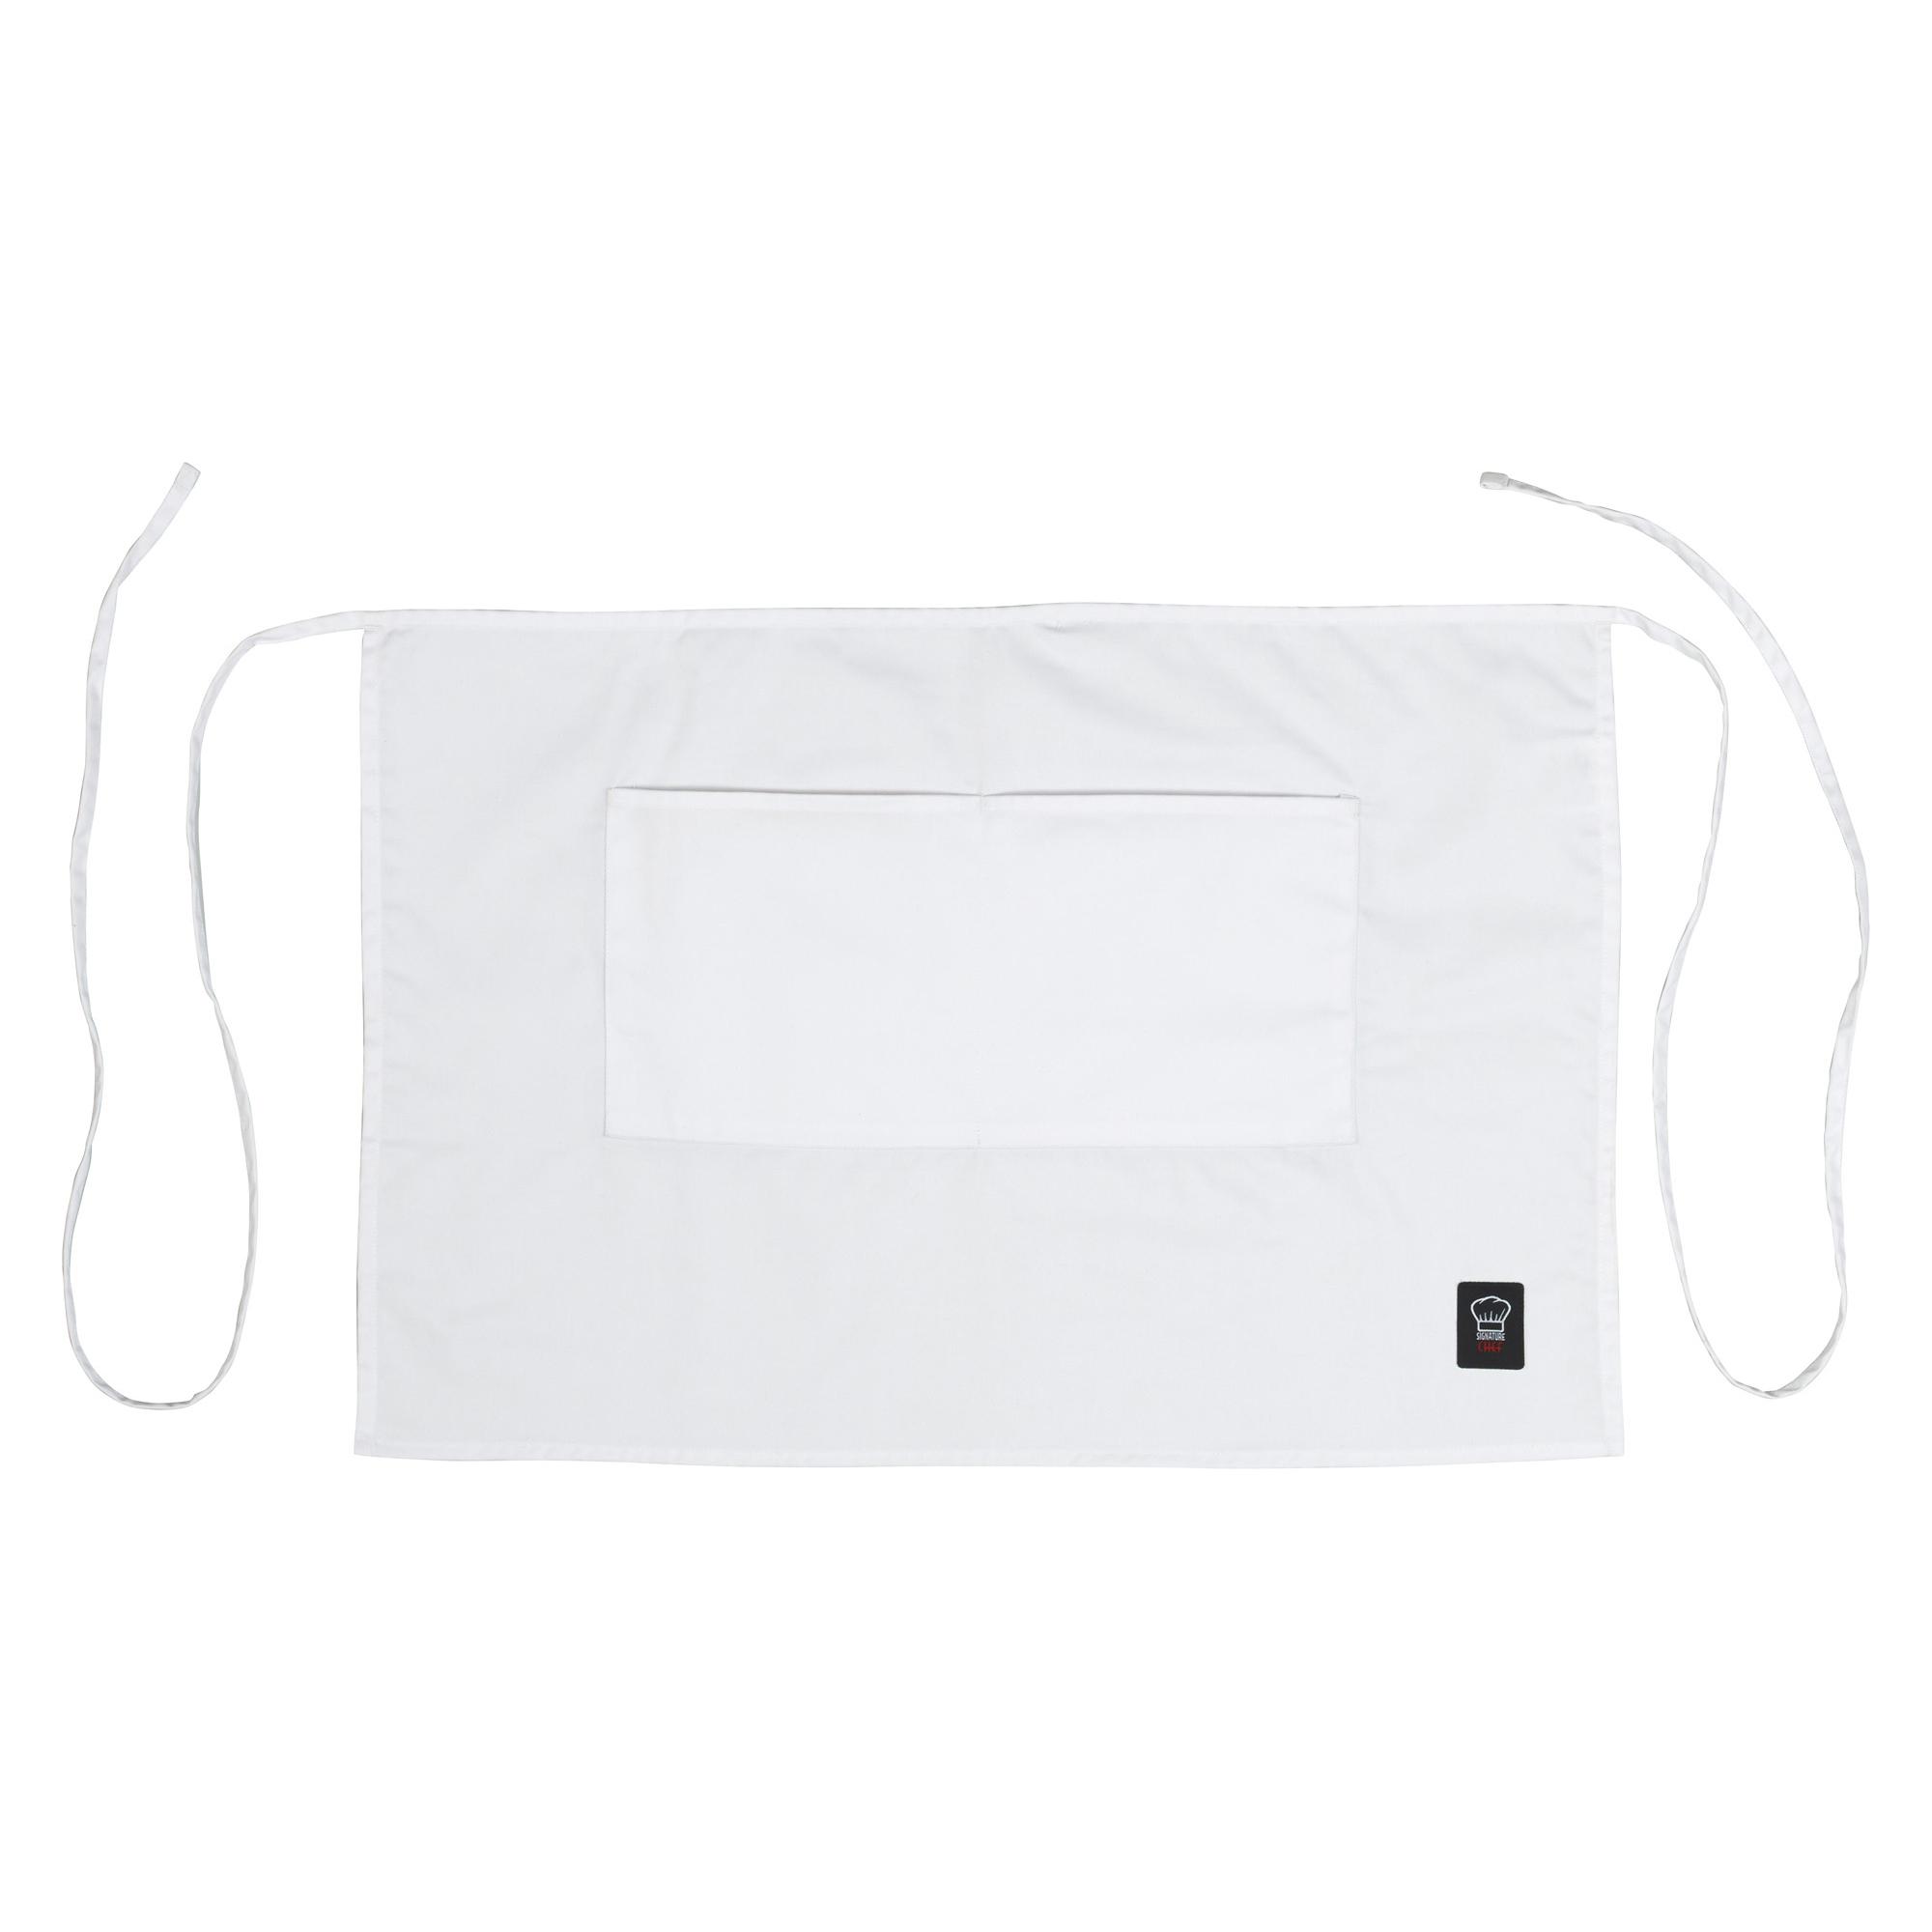 Winco WA-2819W waist apron